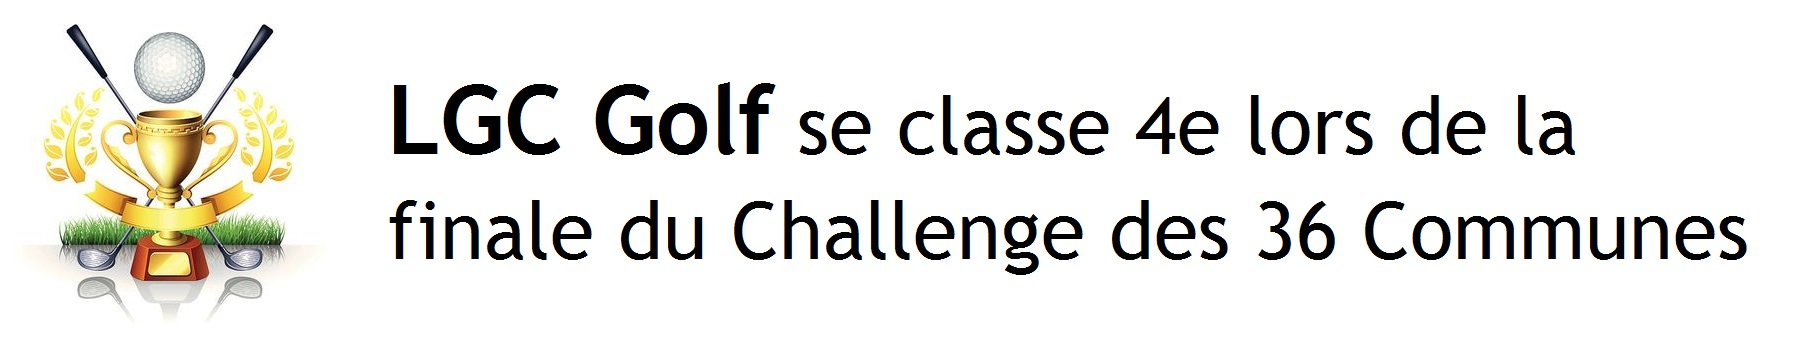 Finale 2018 du Challenge des 36 Communes